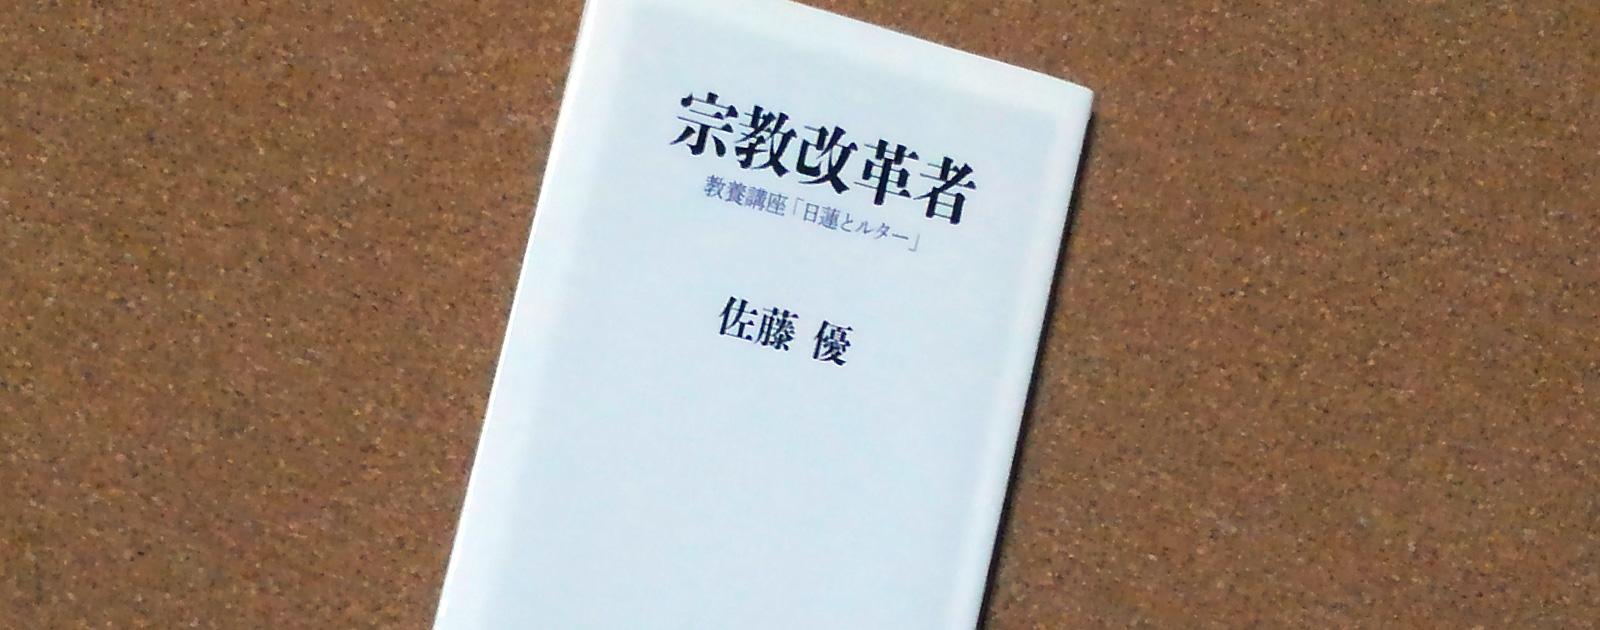 書評:佐藤優「宗教改革者 教養講座『日蓮とルター』」